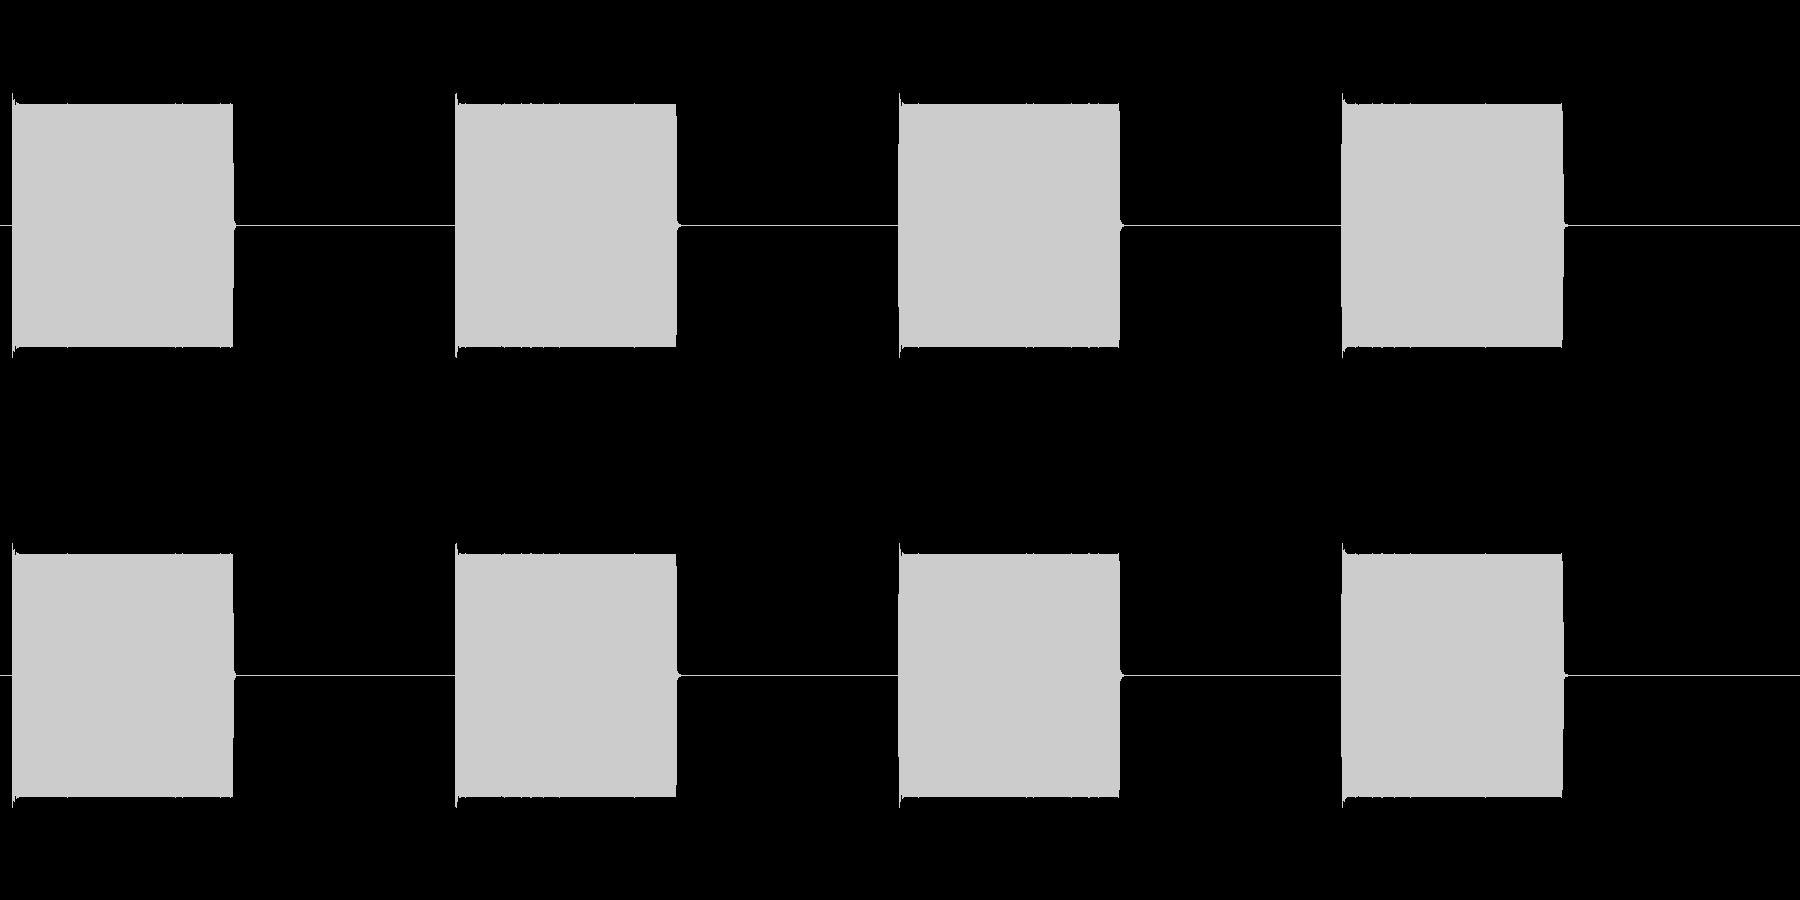 プーx4(電話の話し中)の未再生の波形